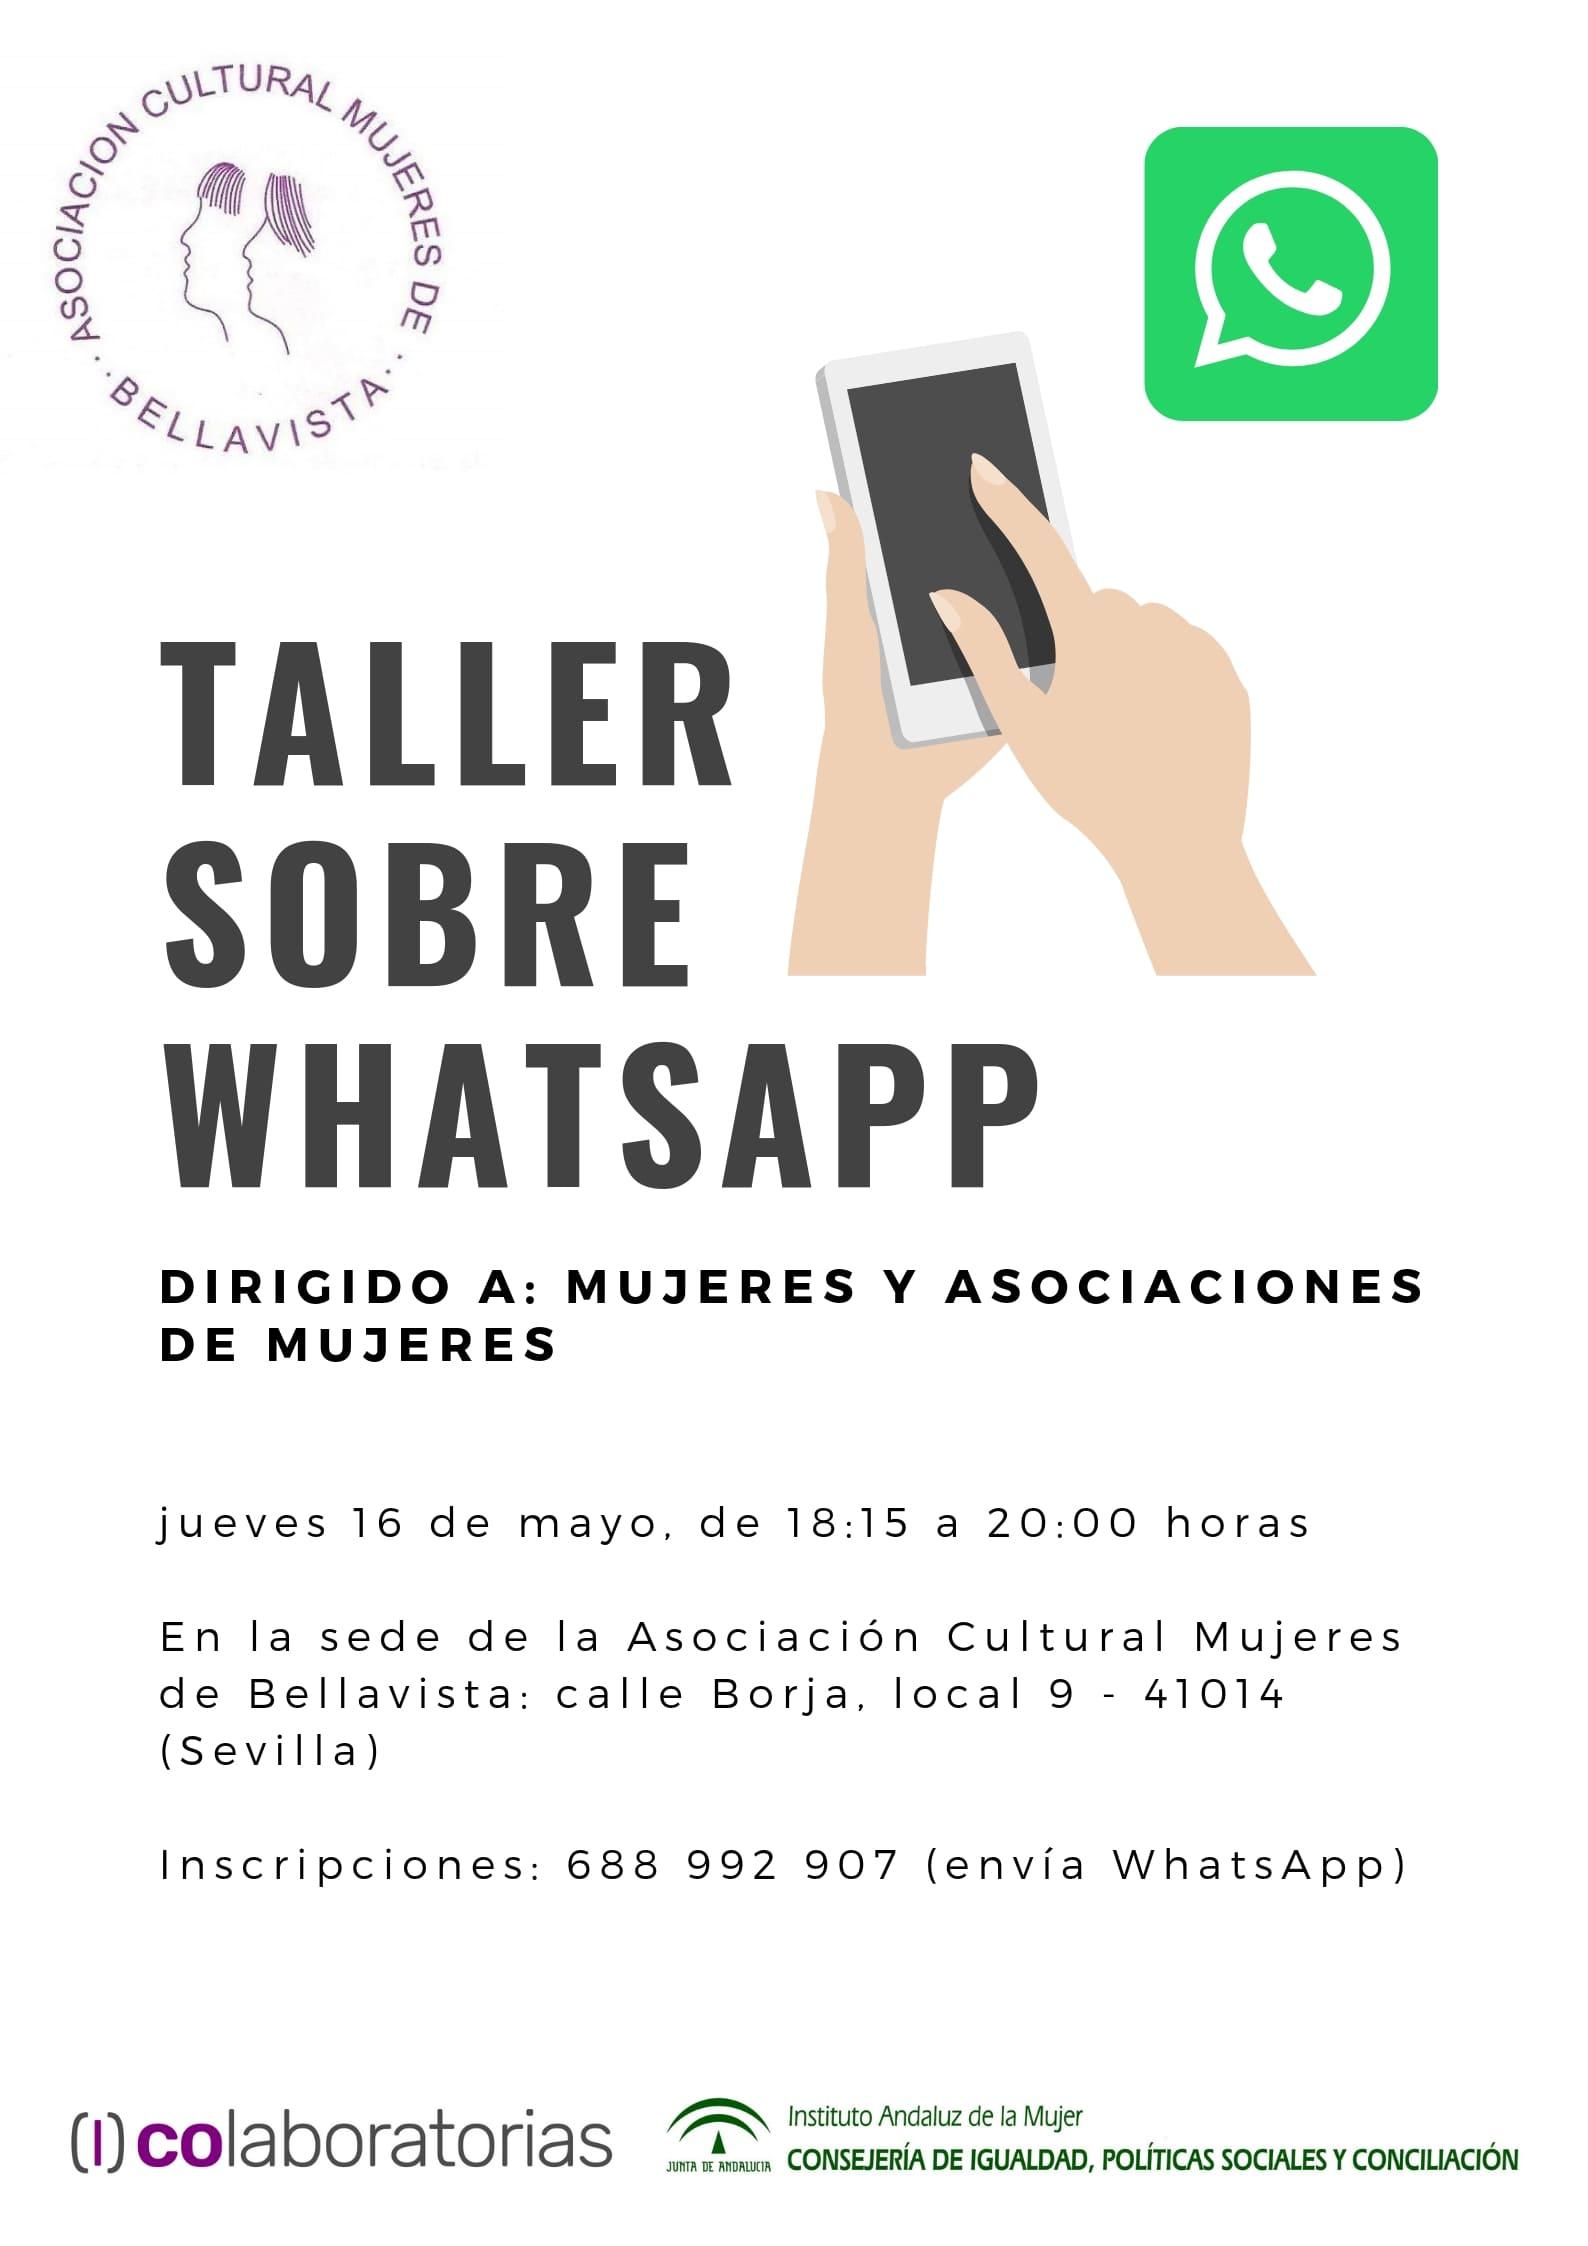 cartel WHATSAPP asociación cultural mujeres de bellavista 16052019